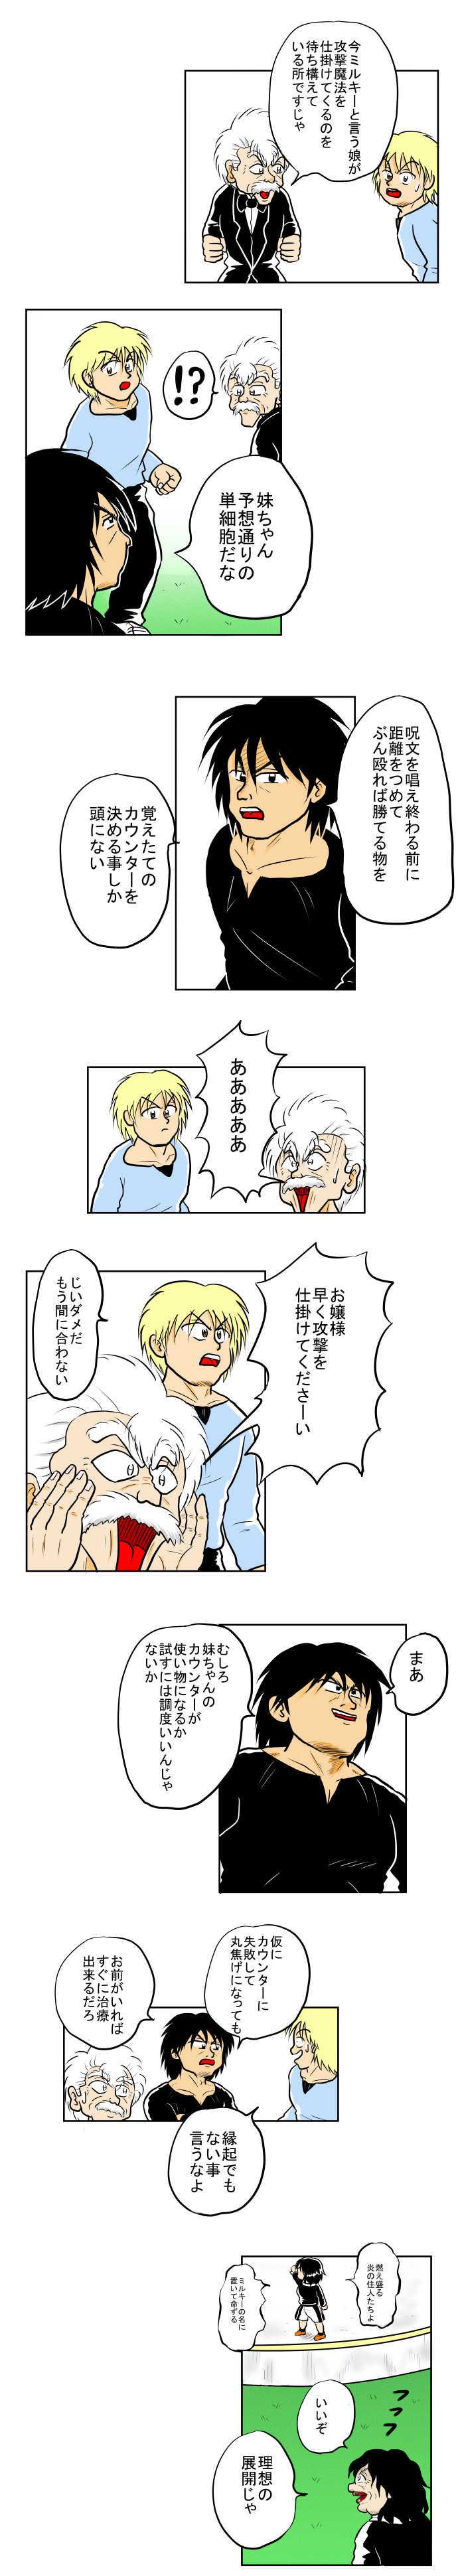 激突!!フィジカルVSマジカル